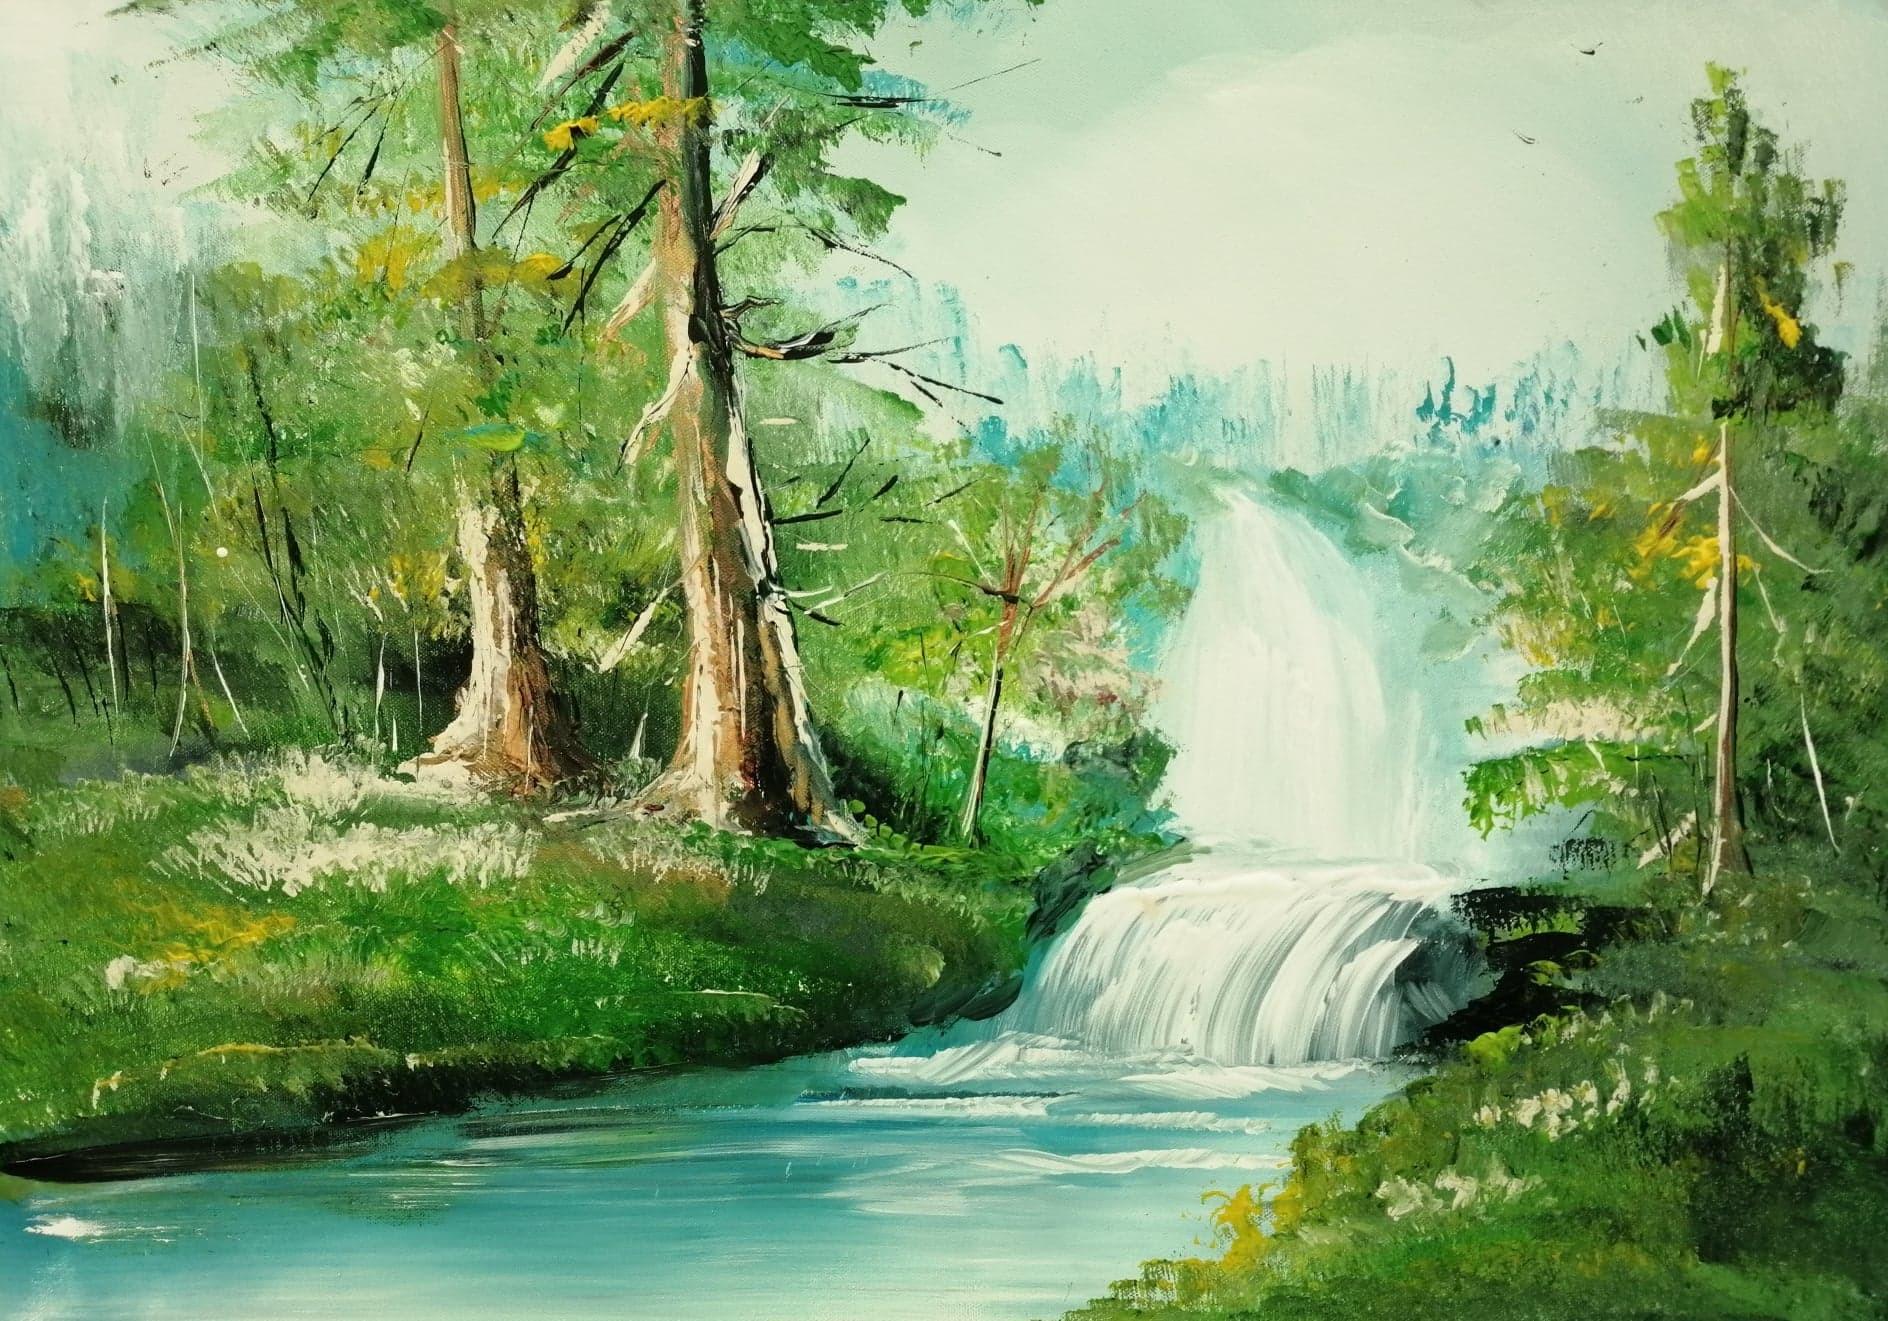 L'eau de la source coule et apporte la vie !